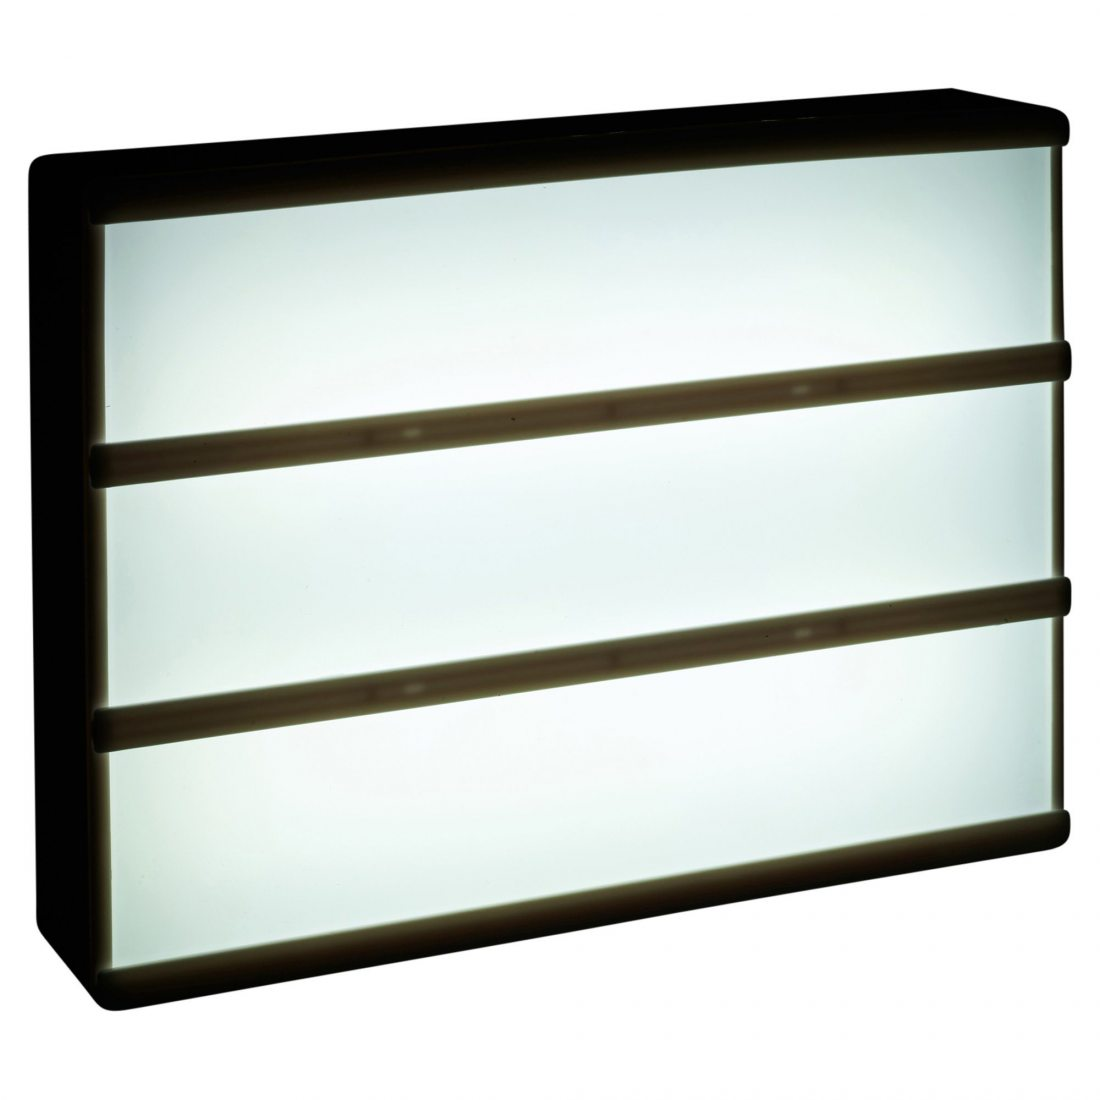 a4 lumi re led boite cin matographique tableau messages. Black Bedroom Furniture Sets. Home Design Ideas